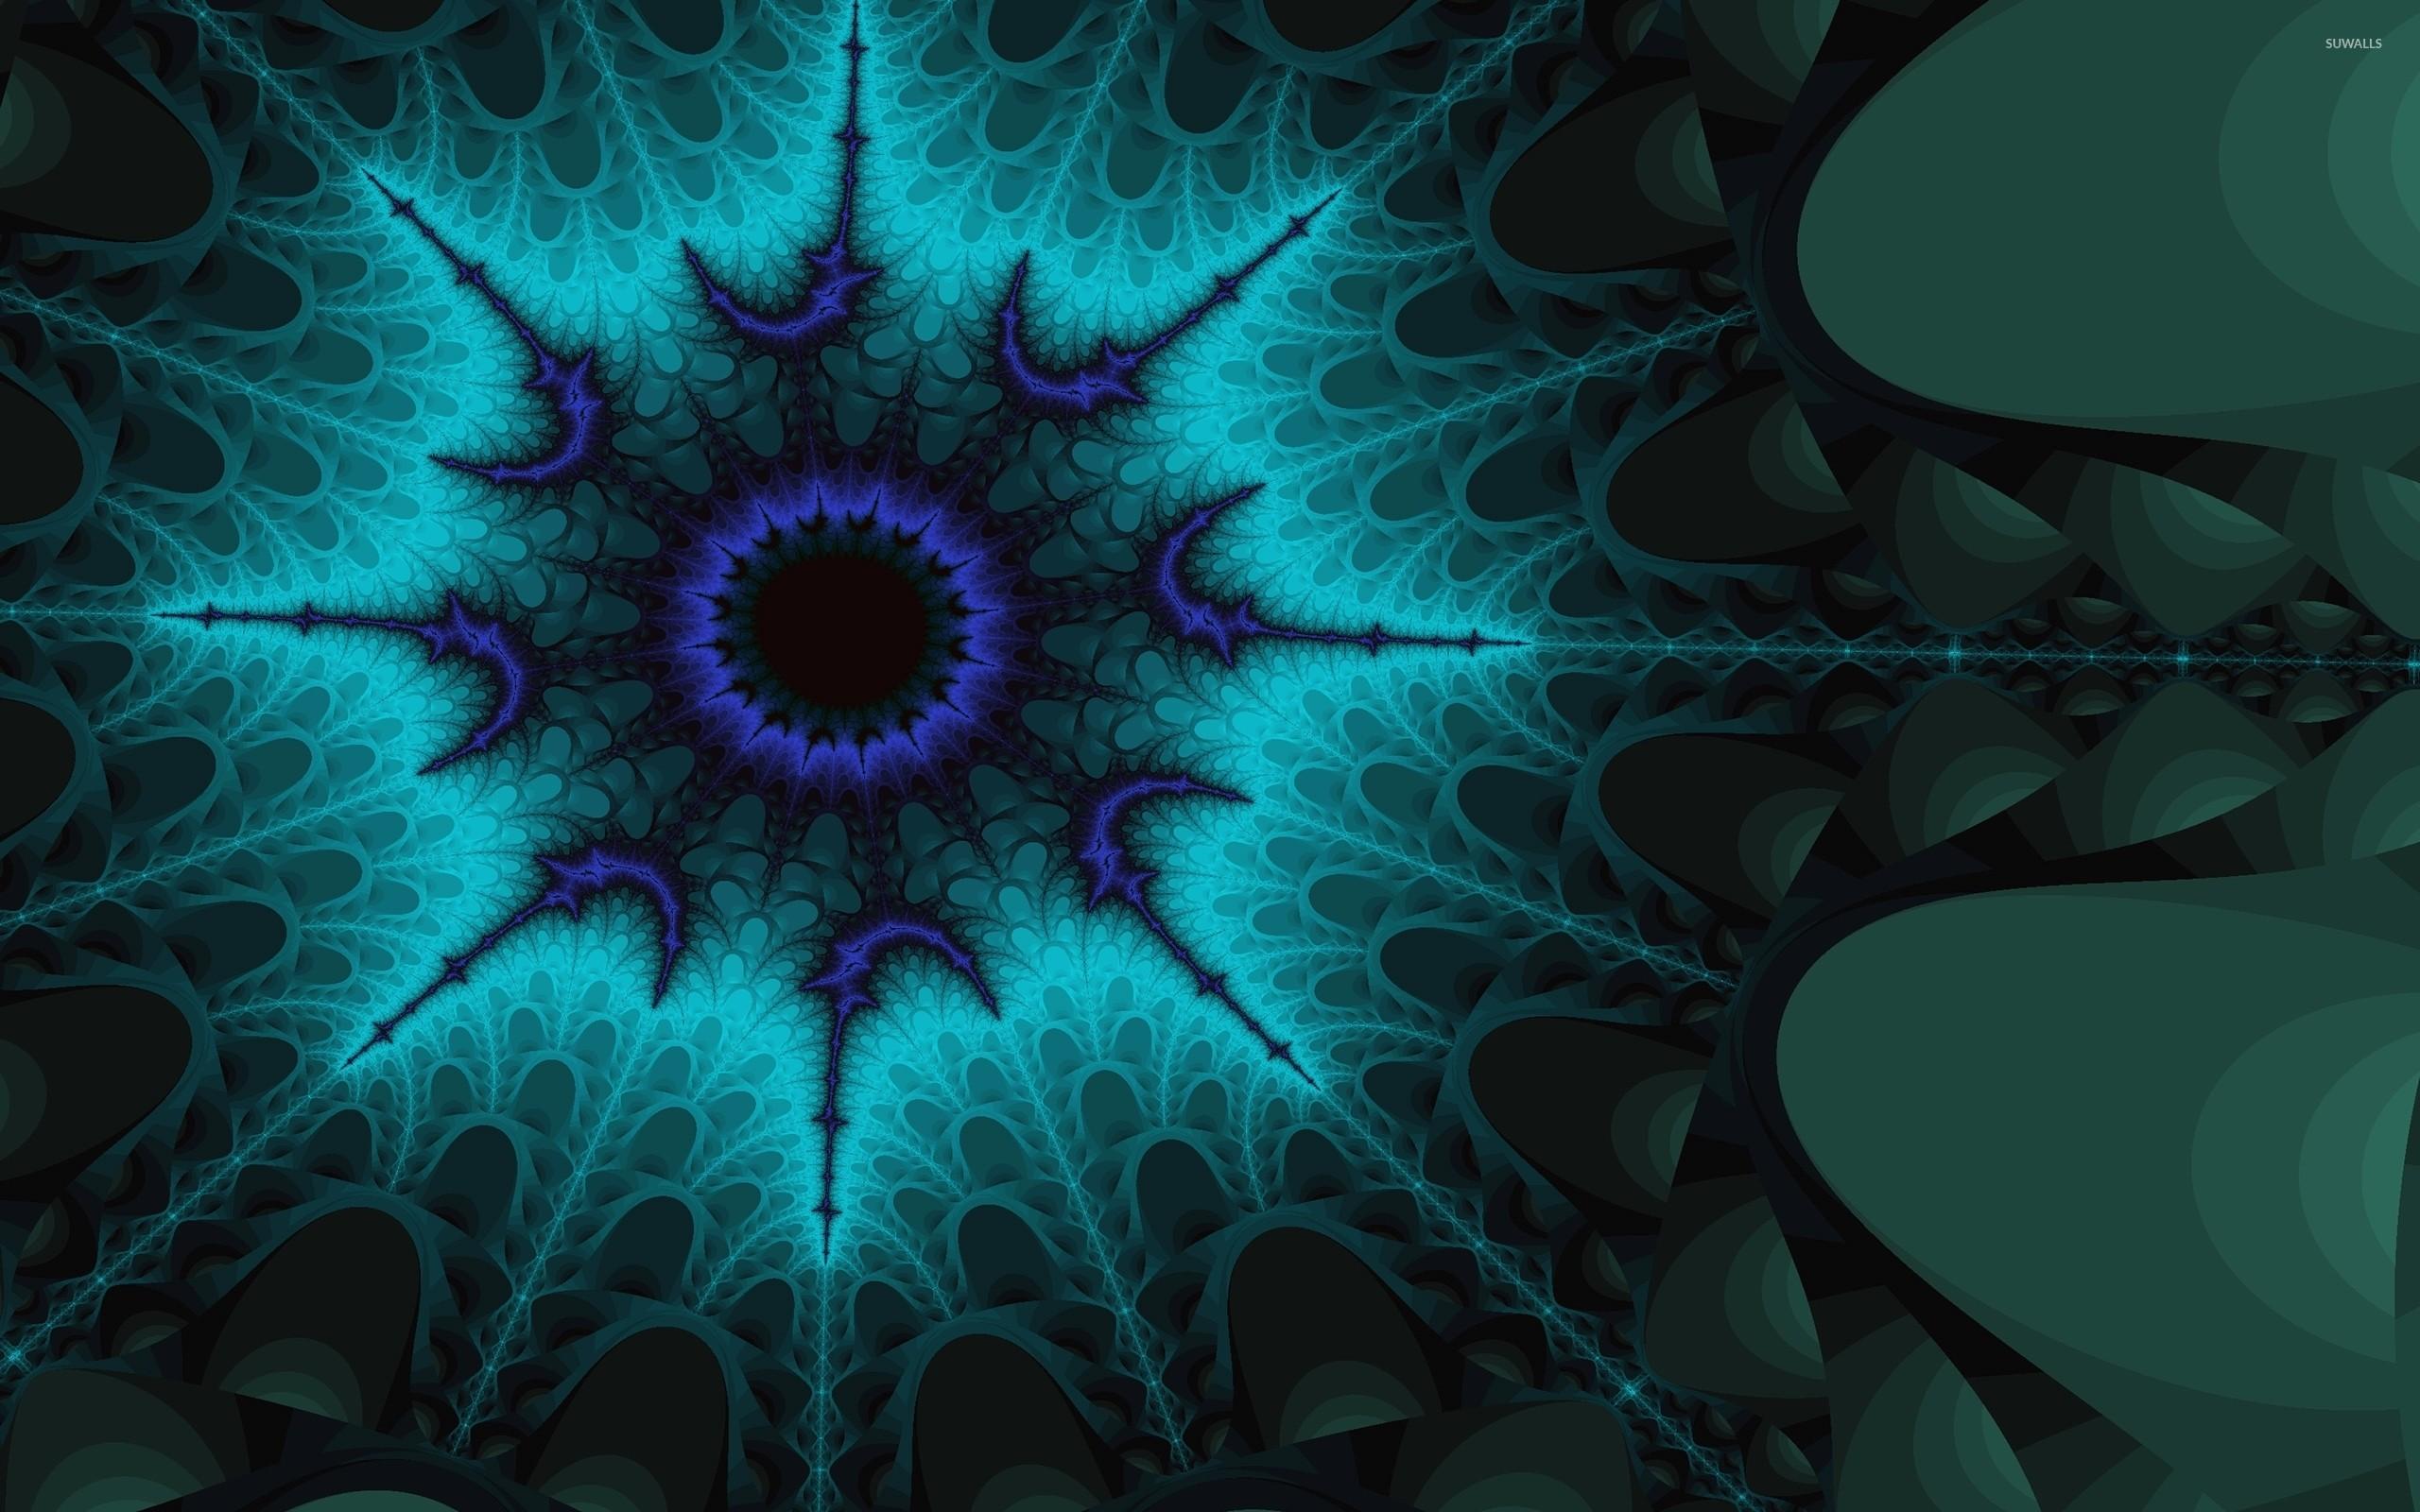 Cool Blue Wallpaper Backgrounds Gambar Gadget Backround